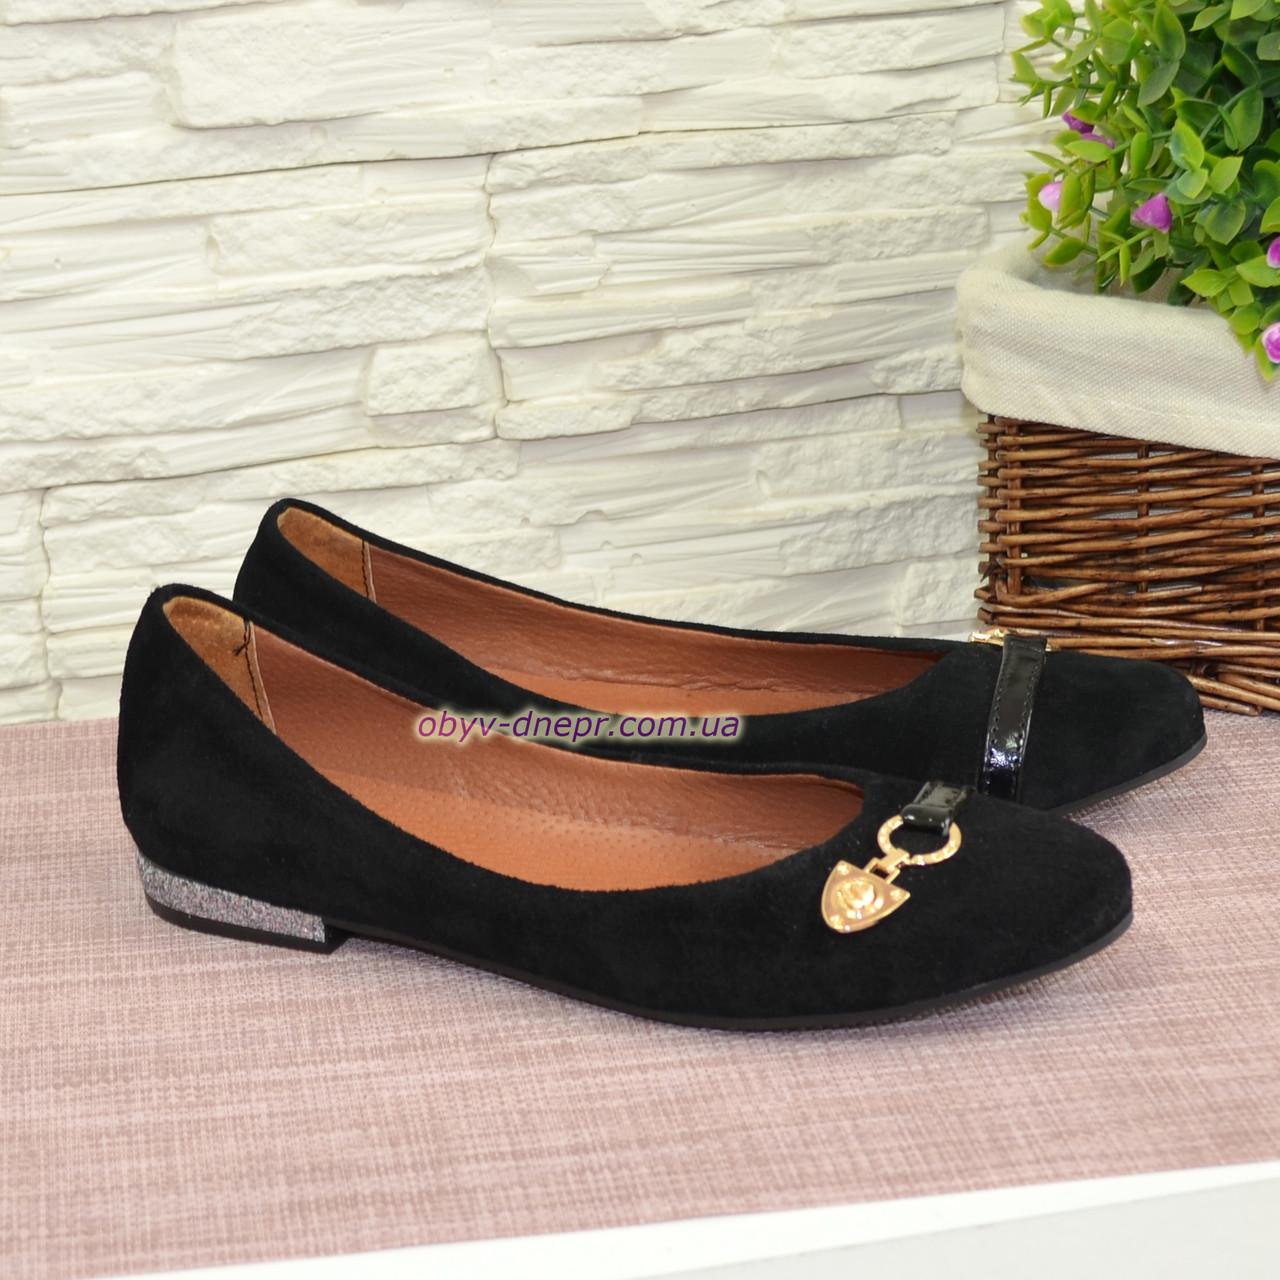 """Туфли женские замшевые черного цвета  на низком ходу. ТМ """"Maestro"""""""